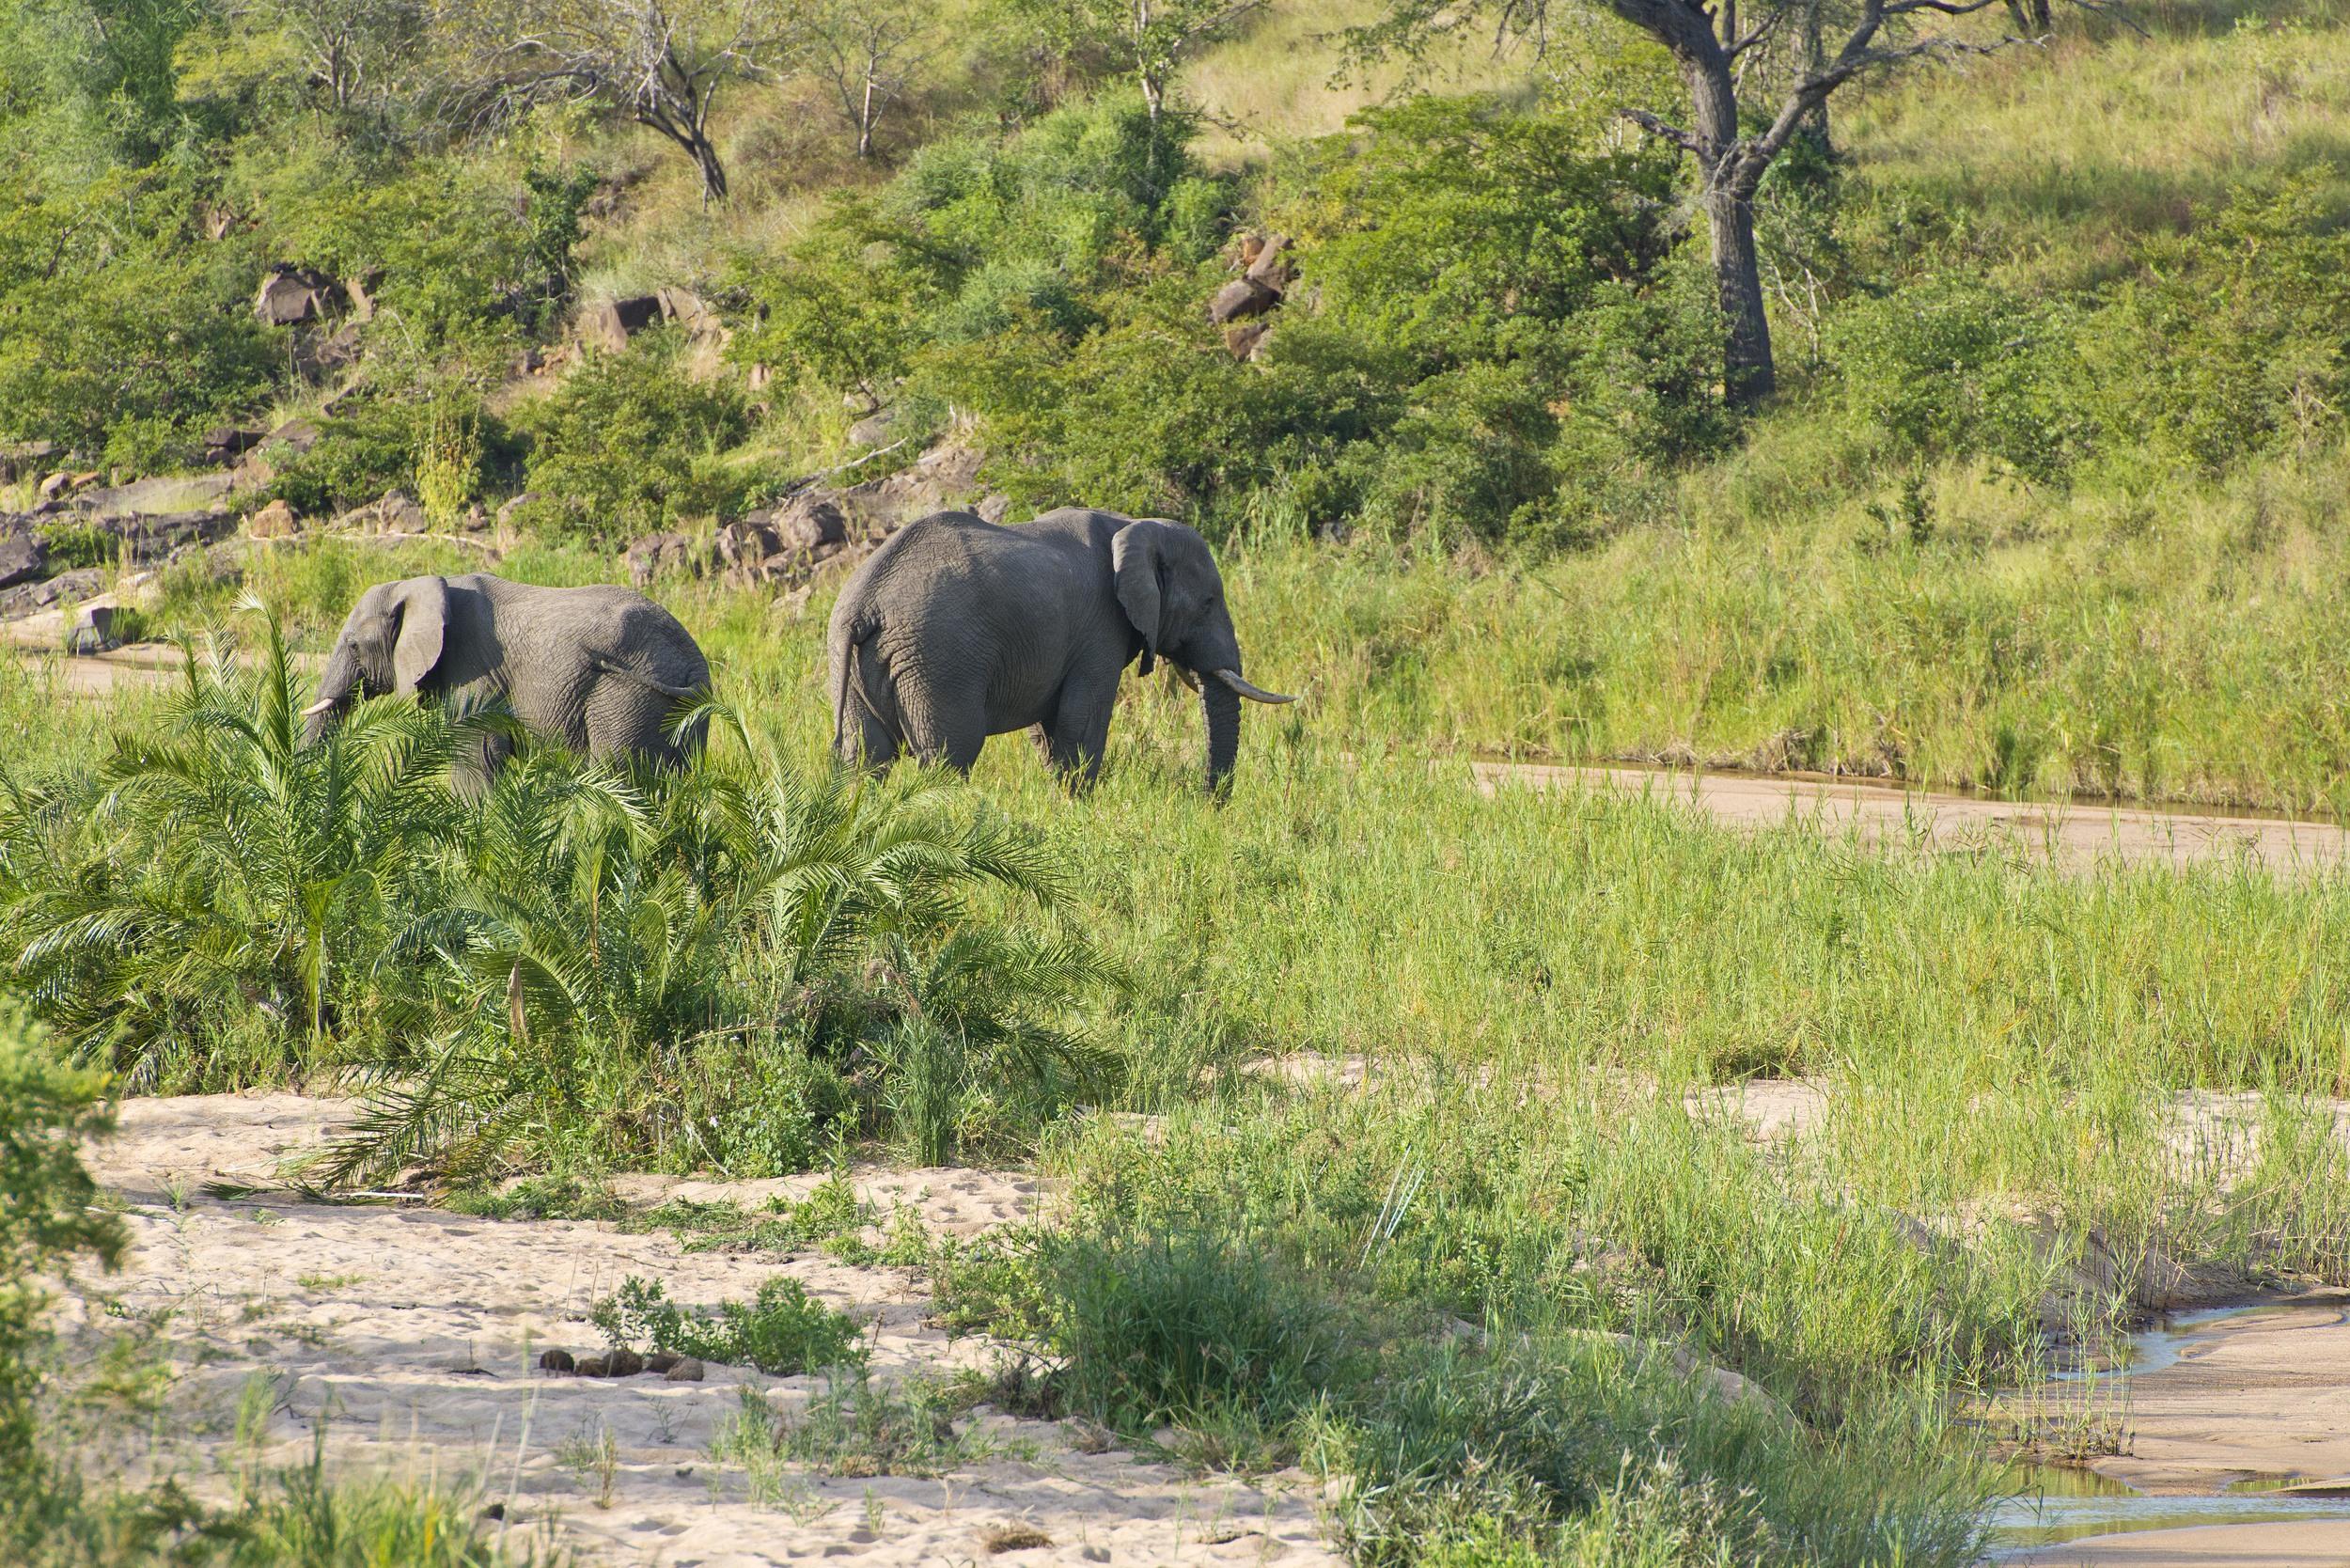 130420_DSC4108 Elephants in Creek Bed.jpg